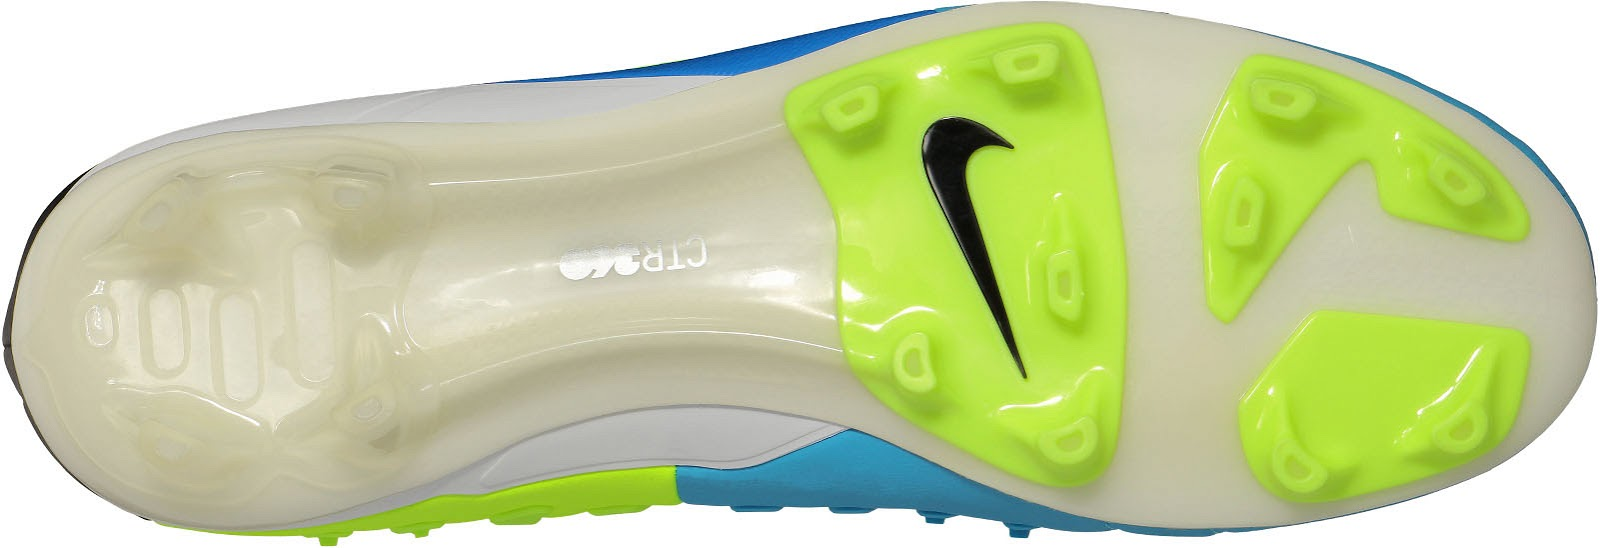 [Imagen: Nike-CTR-360-Current-Blue-Volt-Black-NEW+Big+2.jpg]